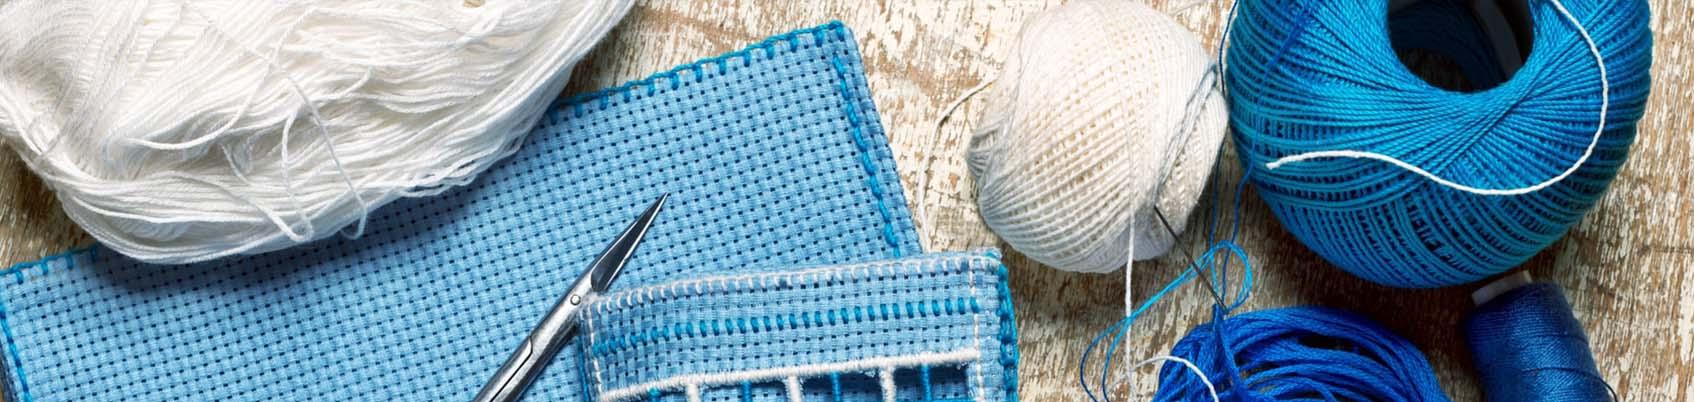 9 términos y técnicas de costura que todo novato debe saber